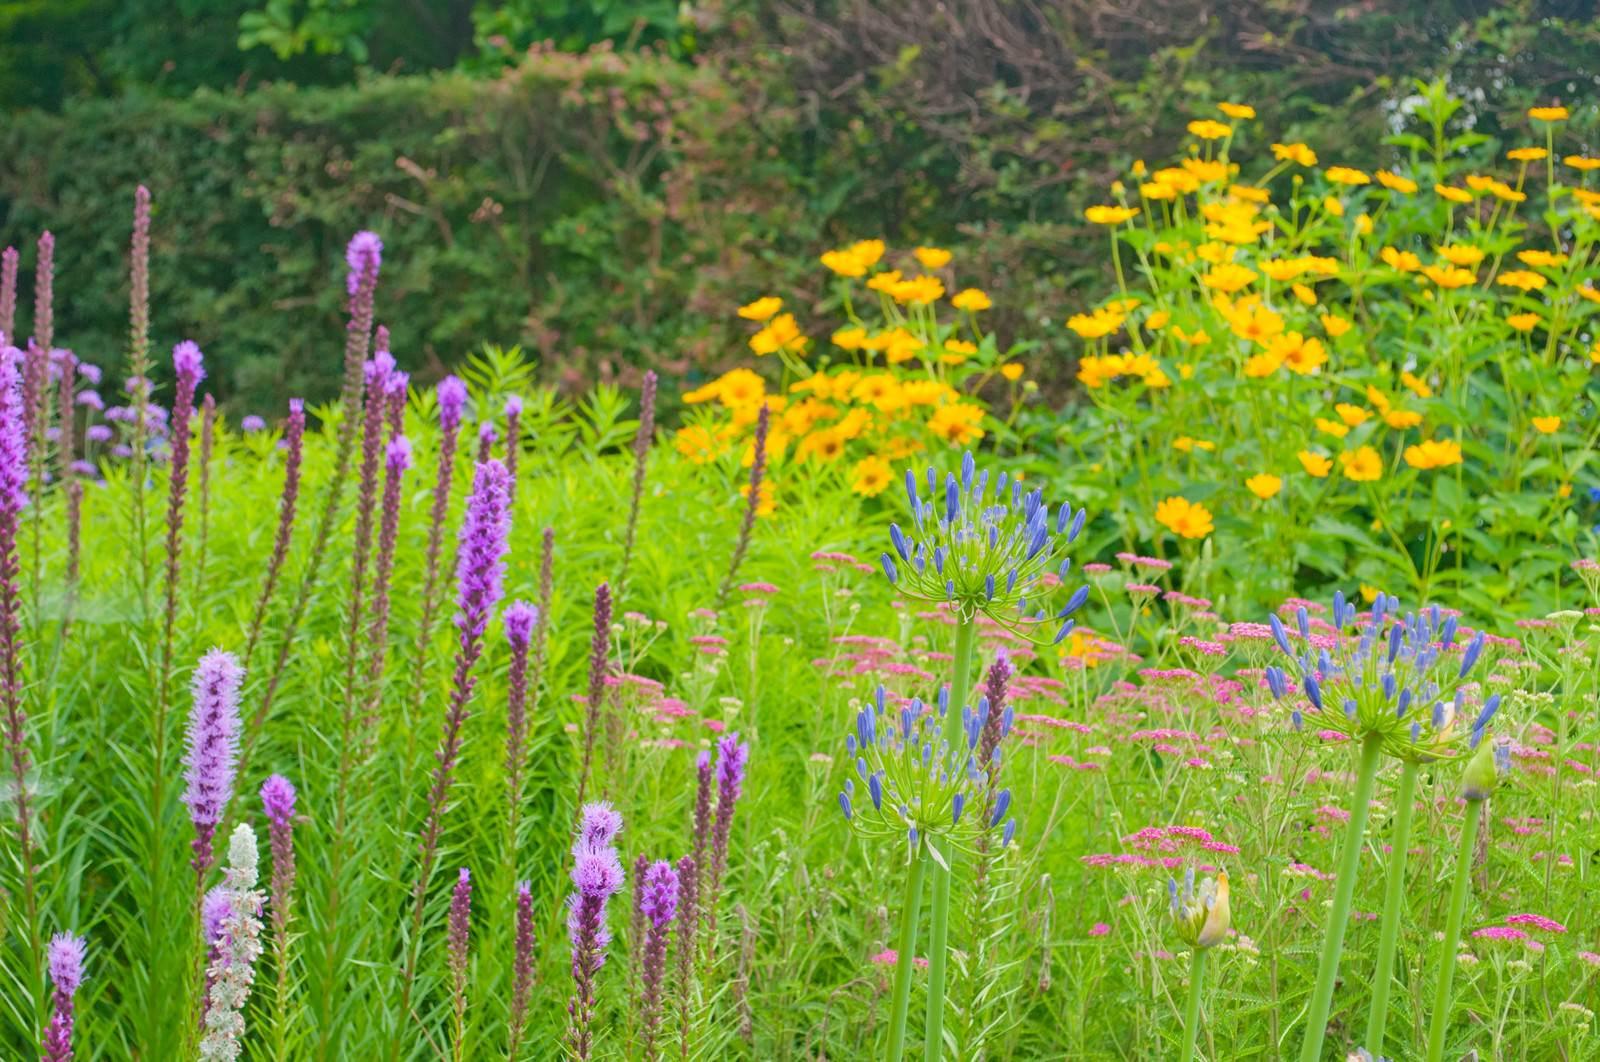 「庭に咲く花」の写真